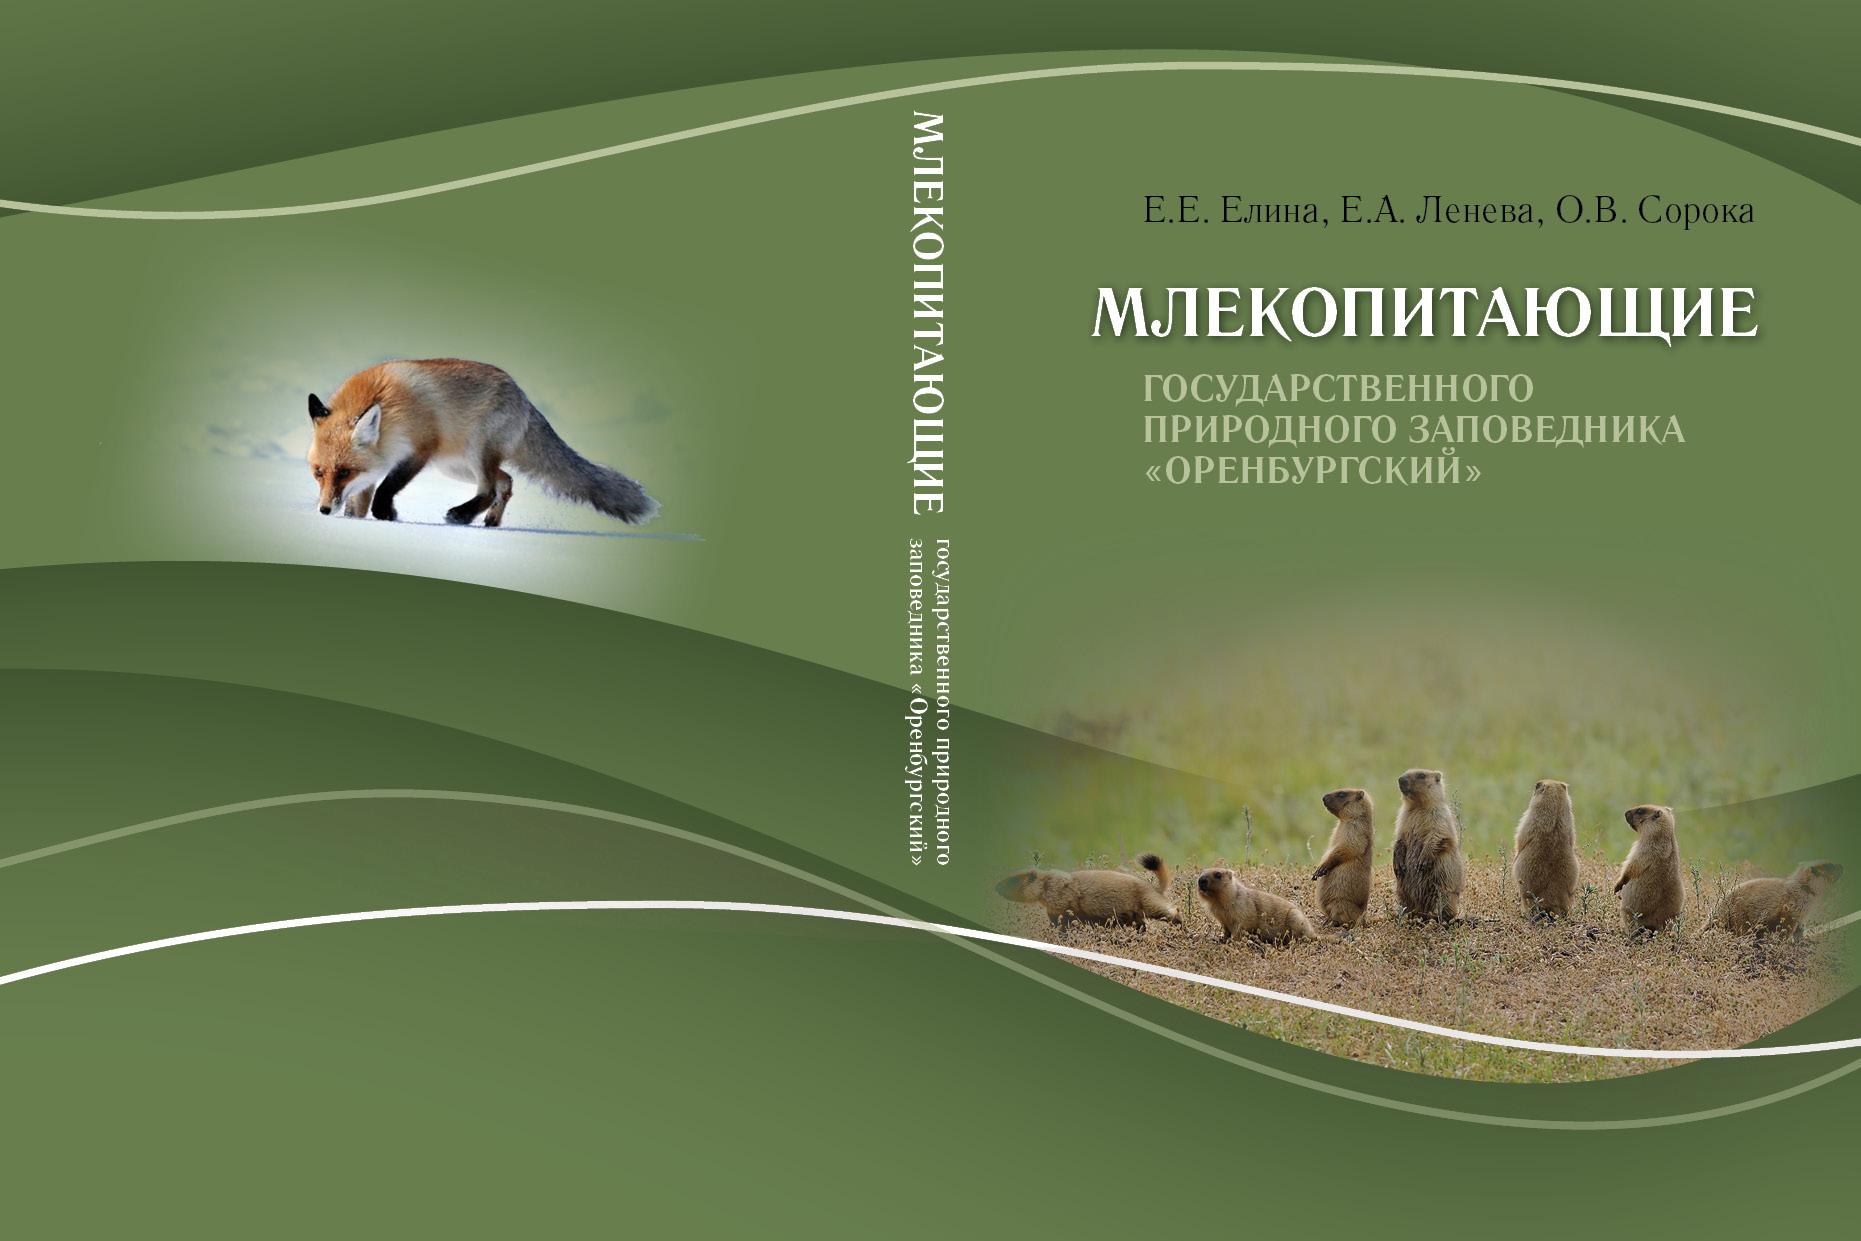 Млекопитающие Оренбургского заповедника